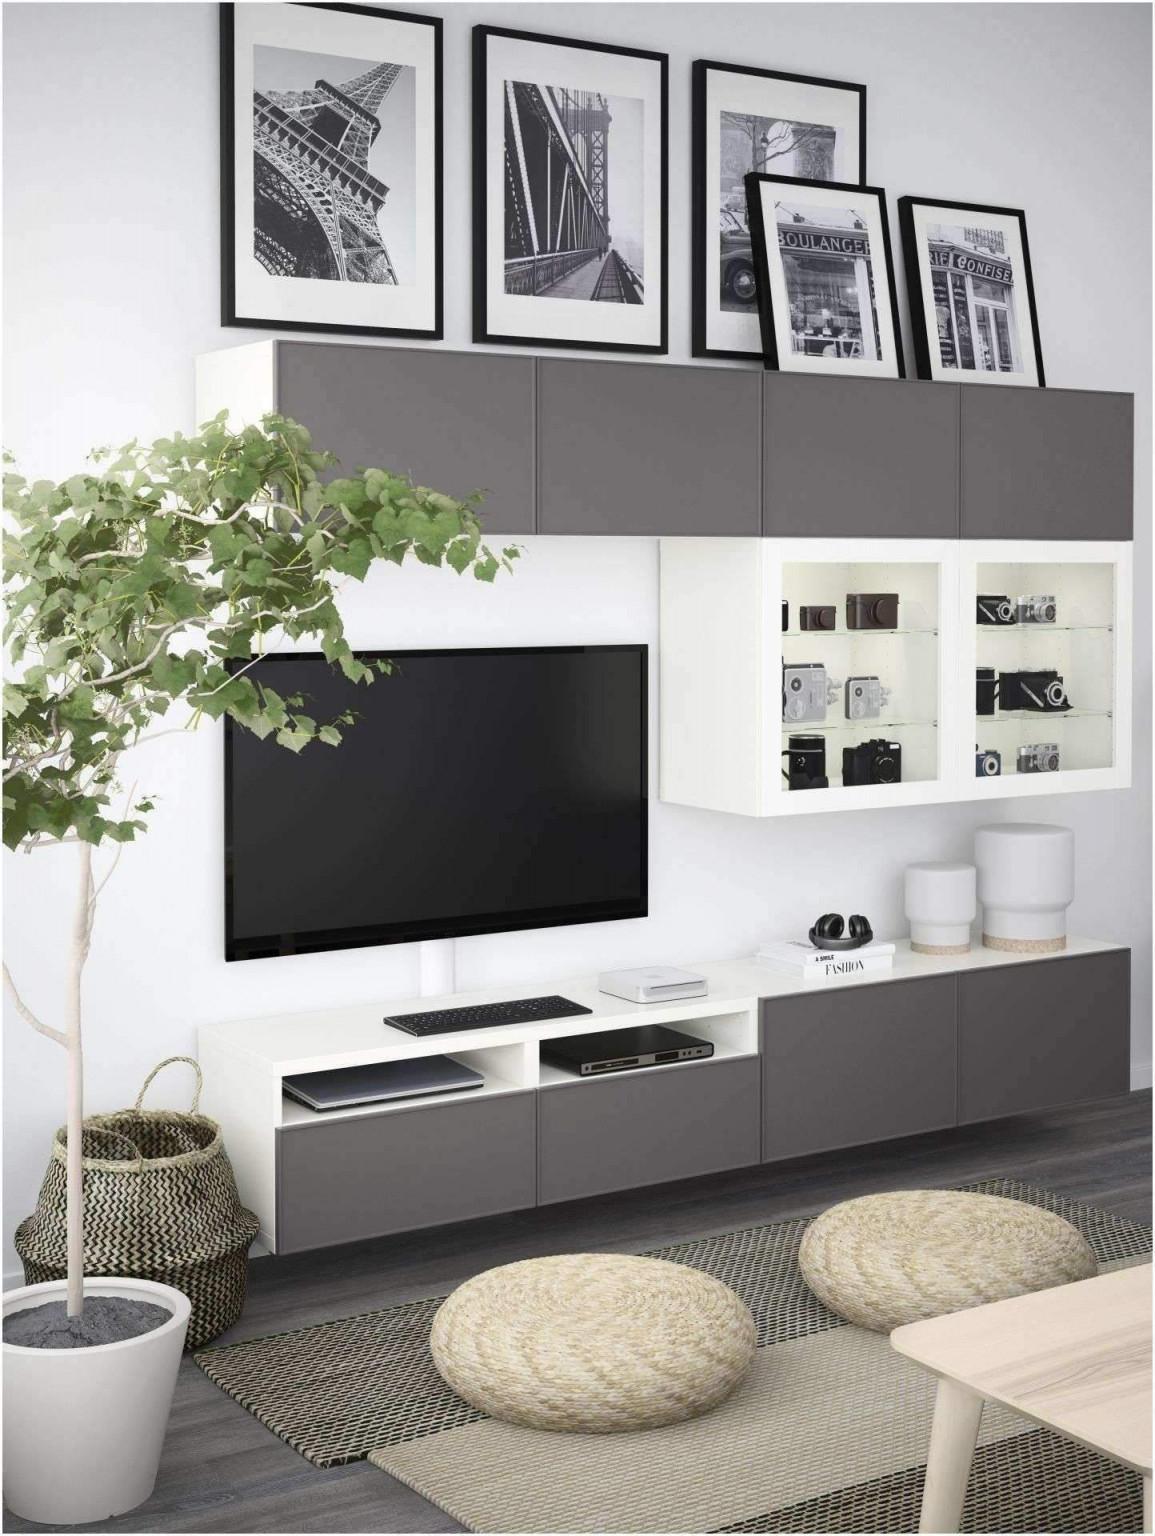 35 Genial Kleines Wohnzimmer Einrichten Ikea Luxus von Kleines Wohnzimmer Einrichten Photo